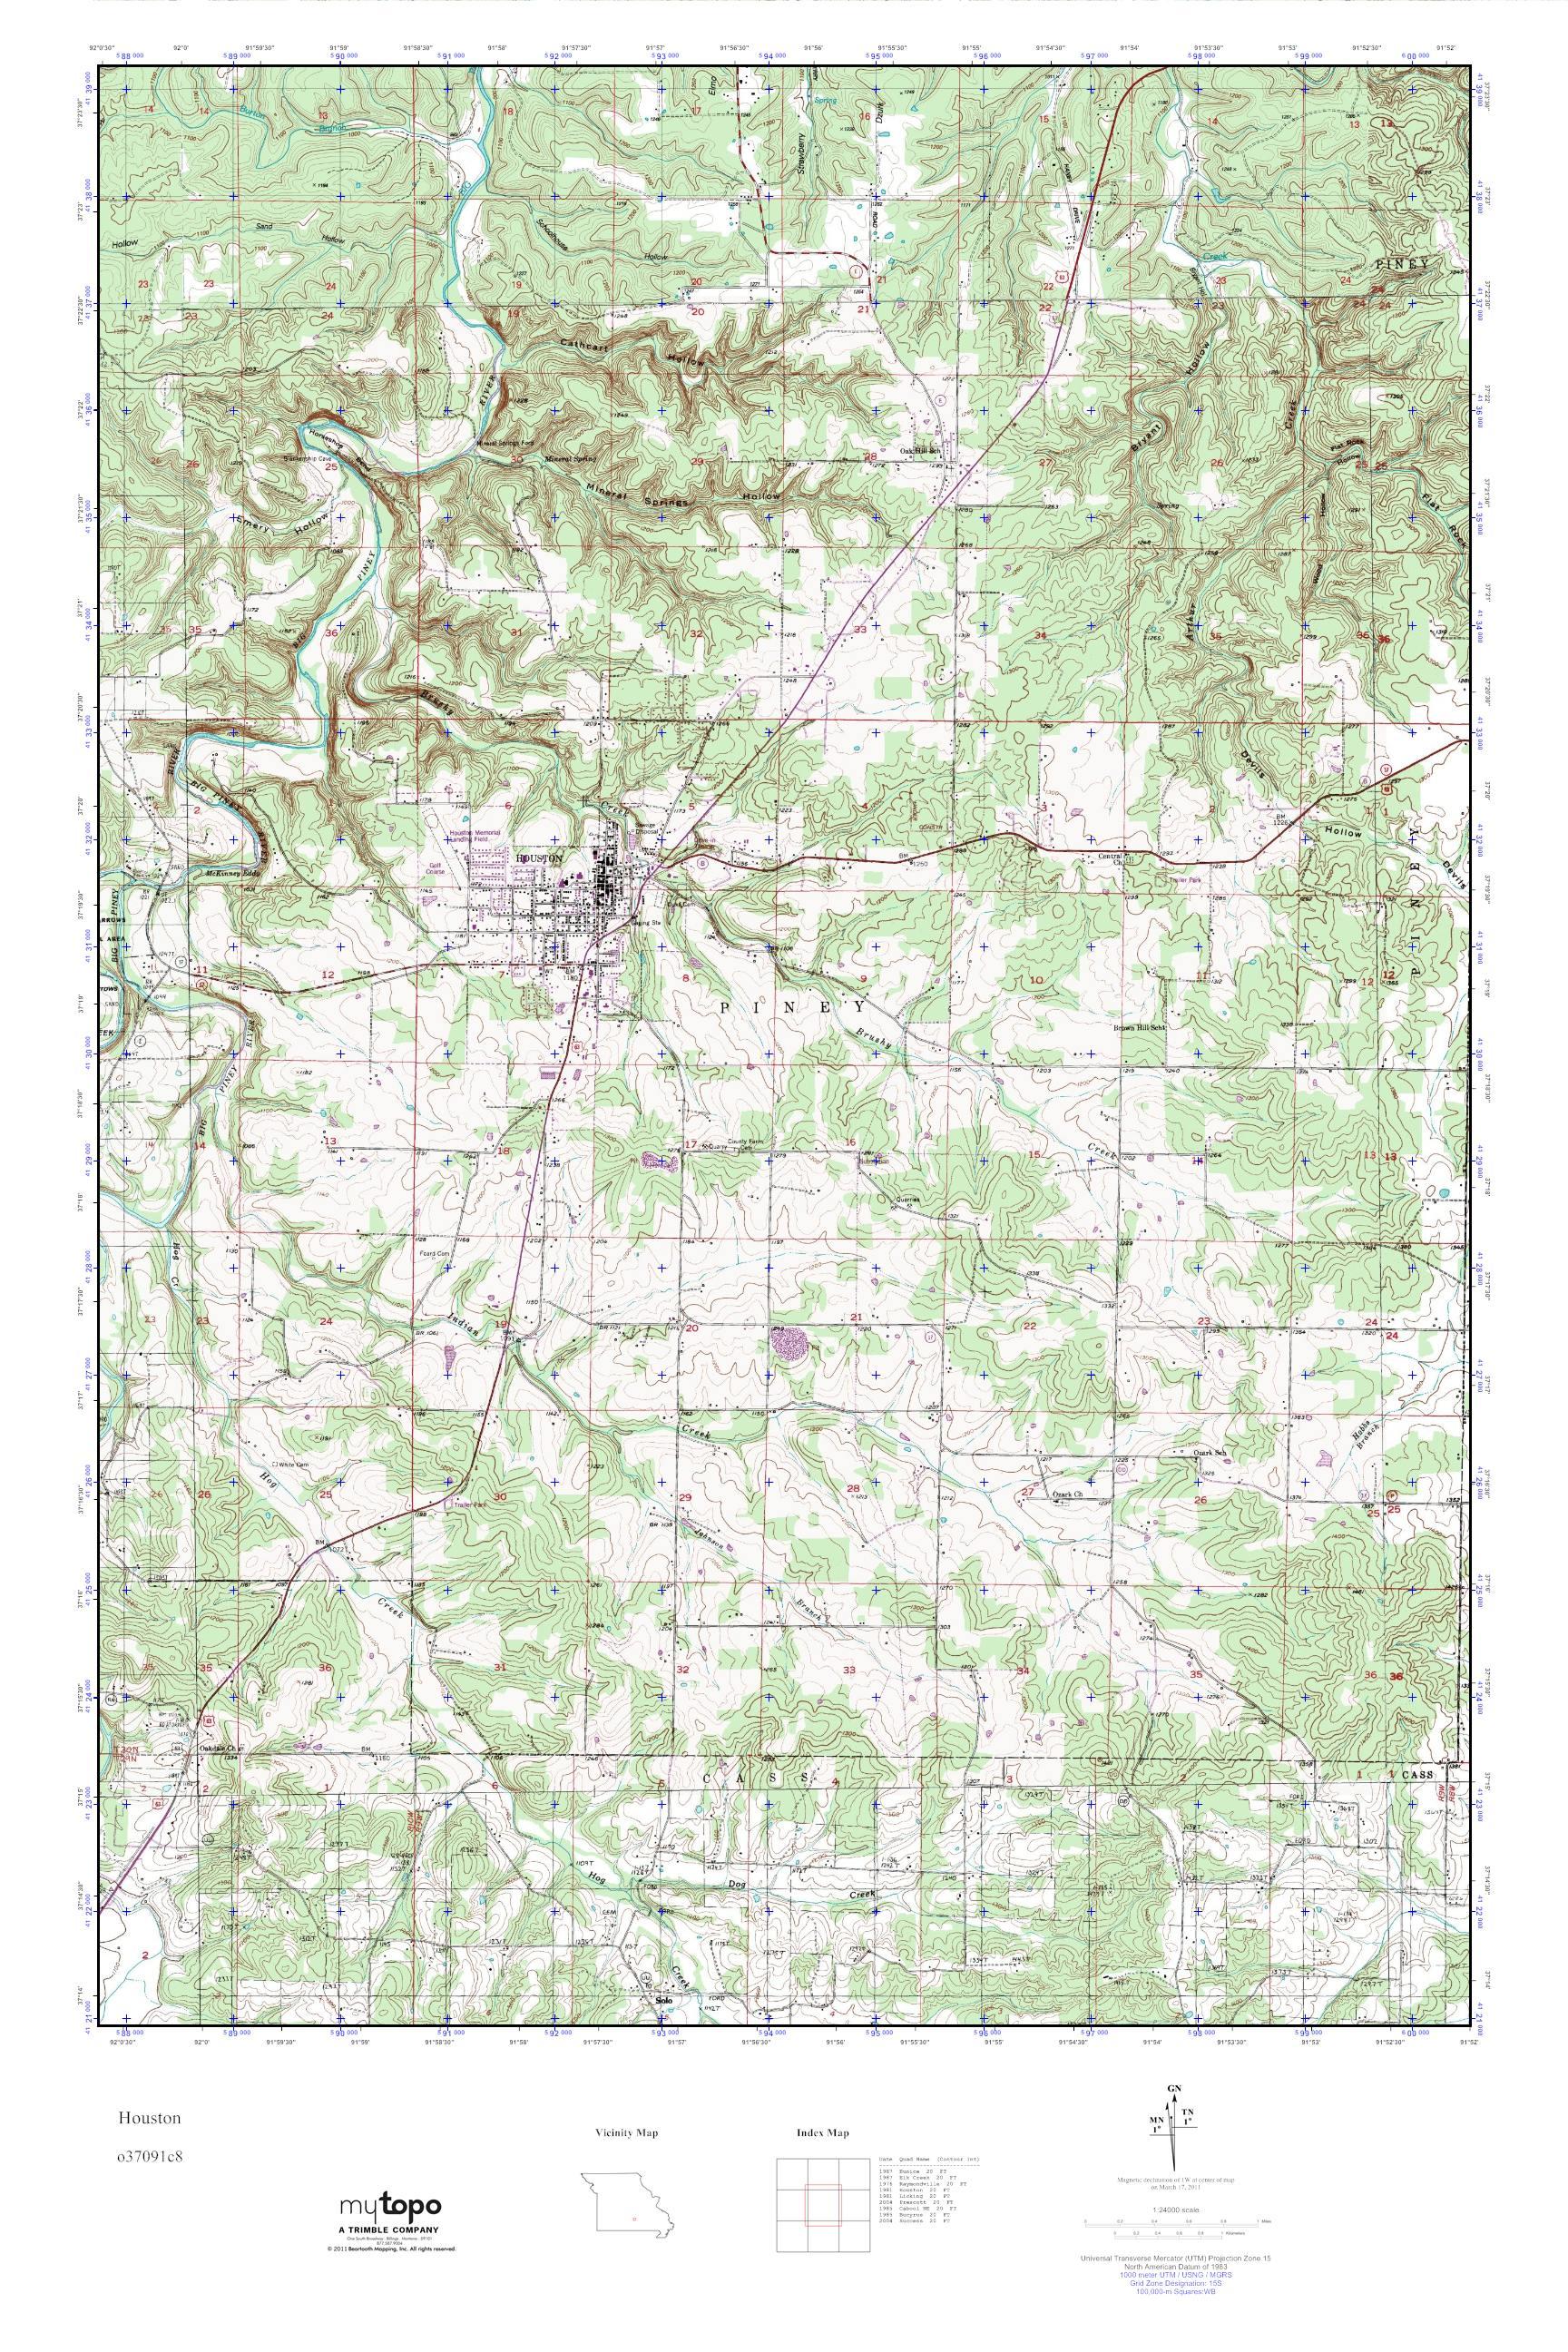 Mytopo Houston Missouri Usgs Quad Topo Map